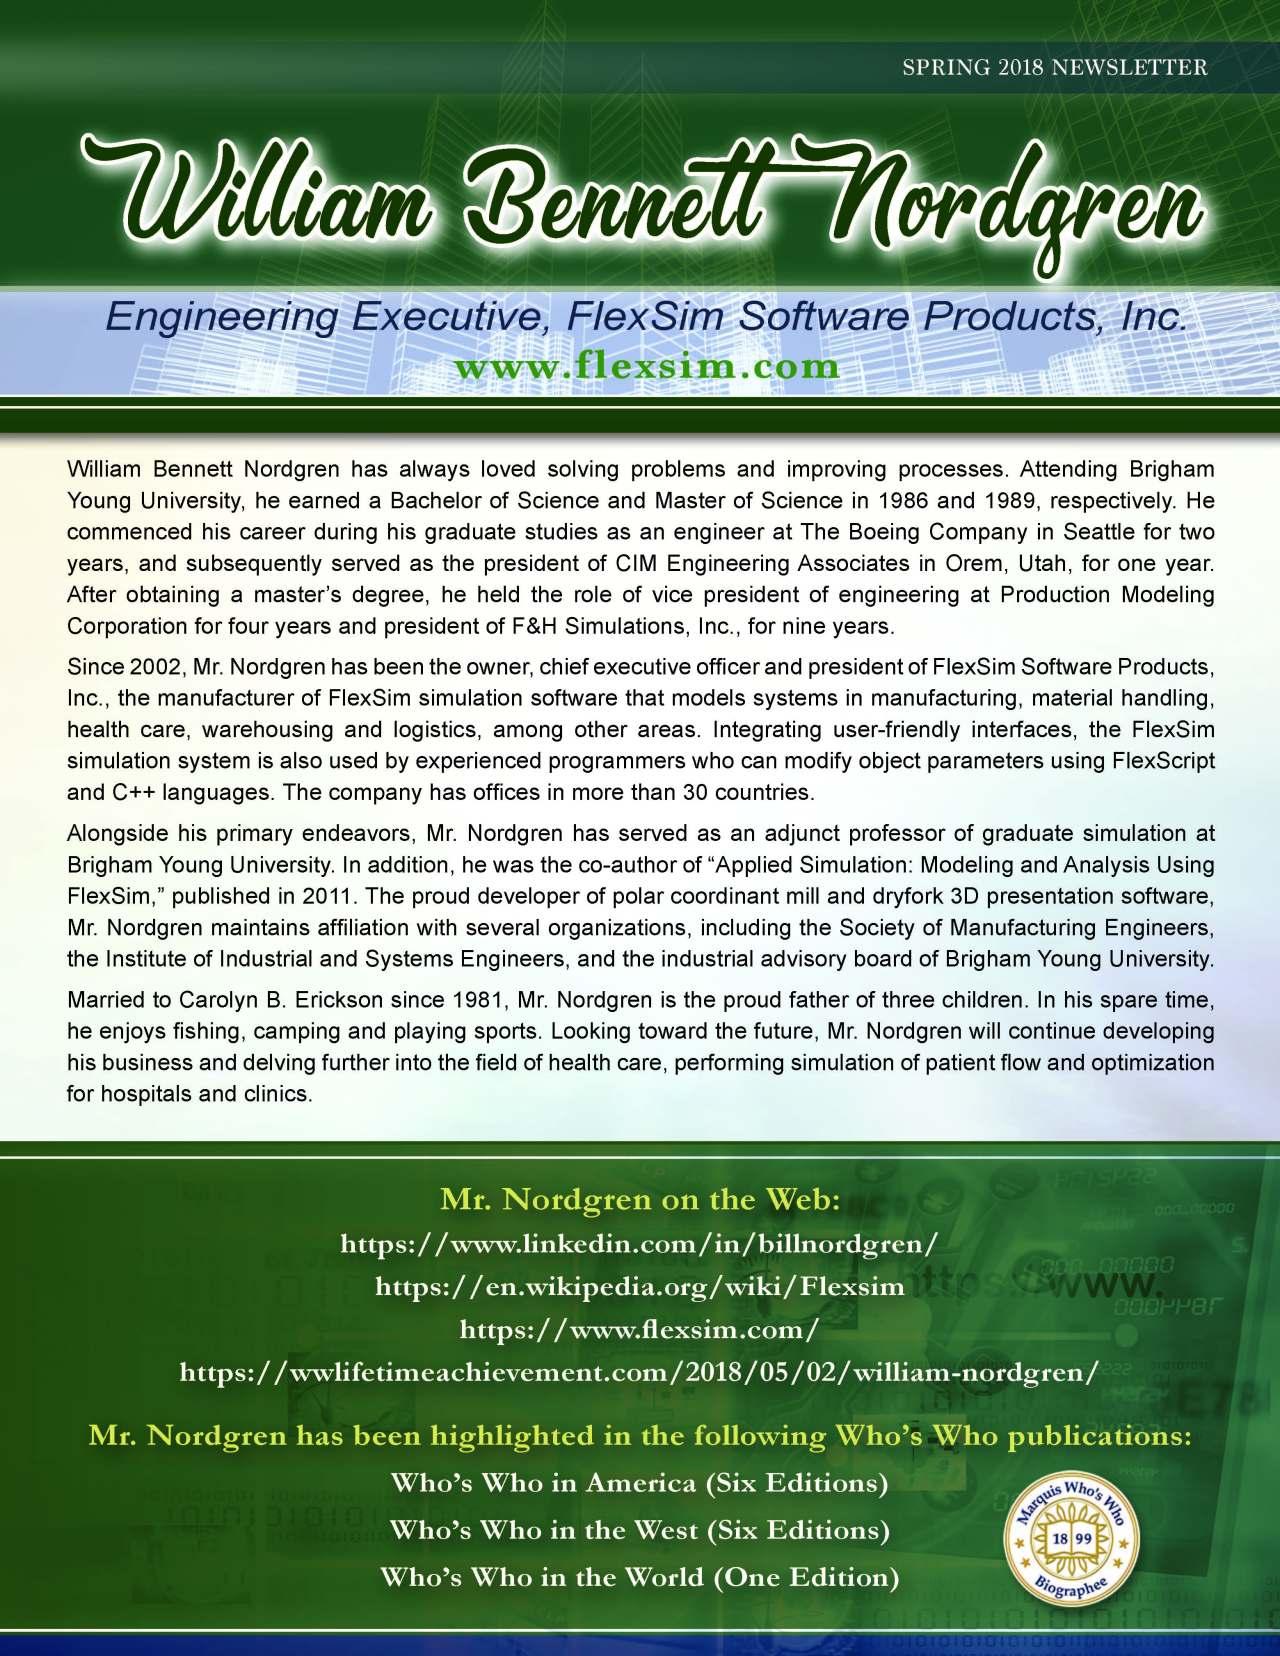 Nordgren, William 3793083_17330945 Newsletter.jpg